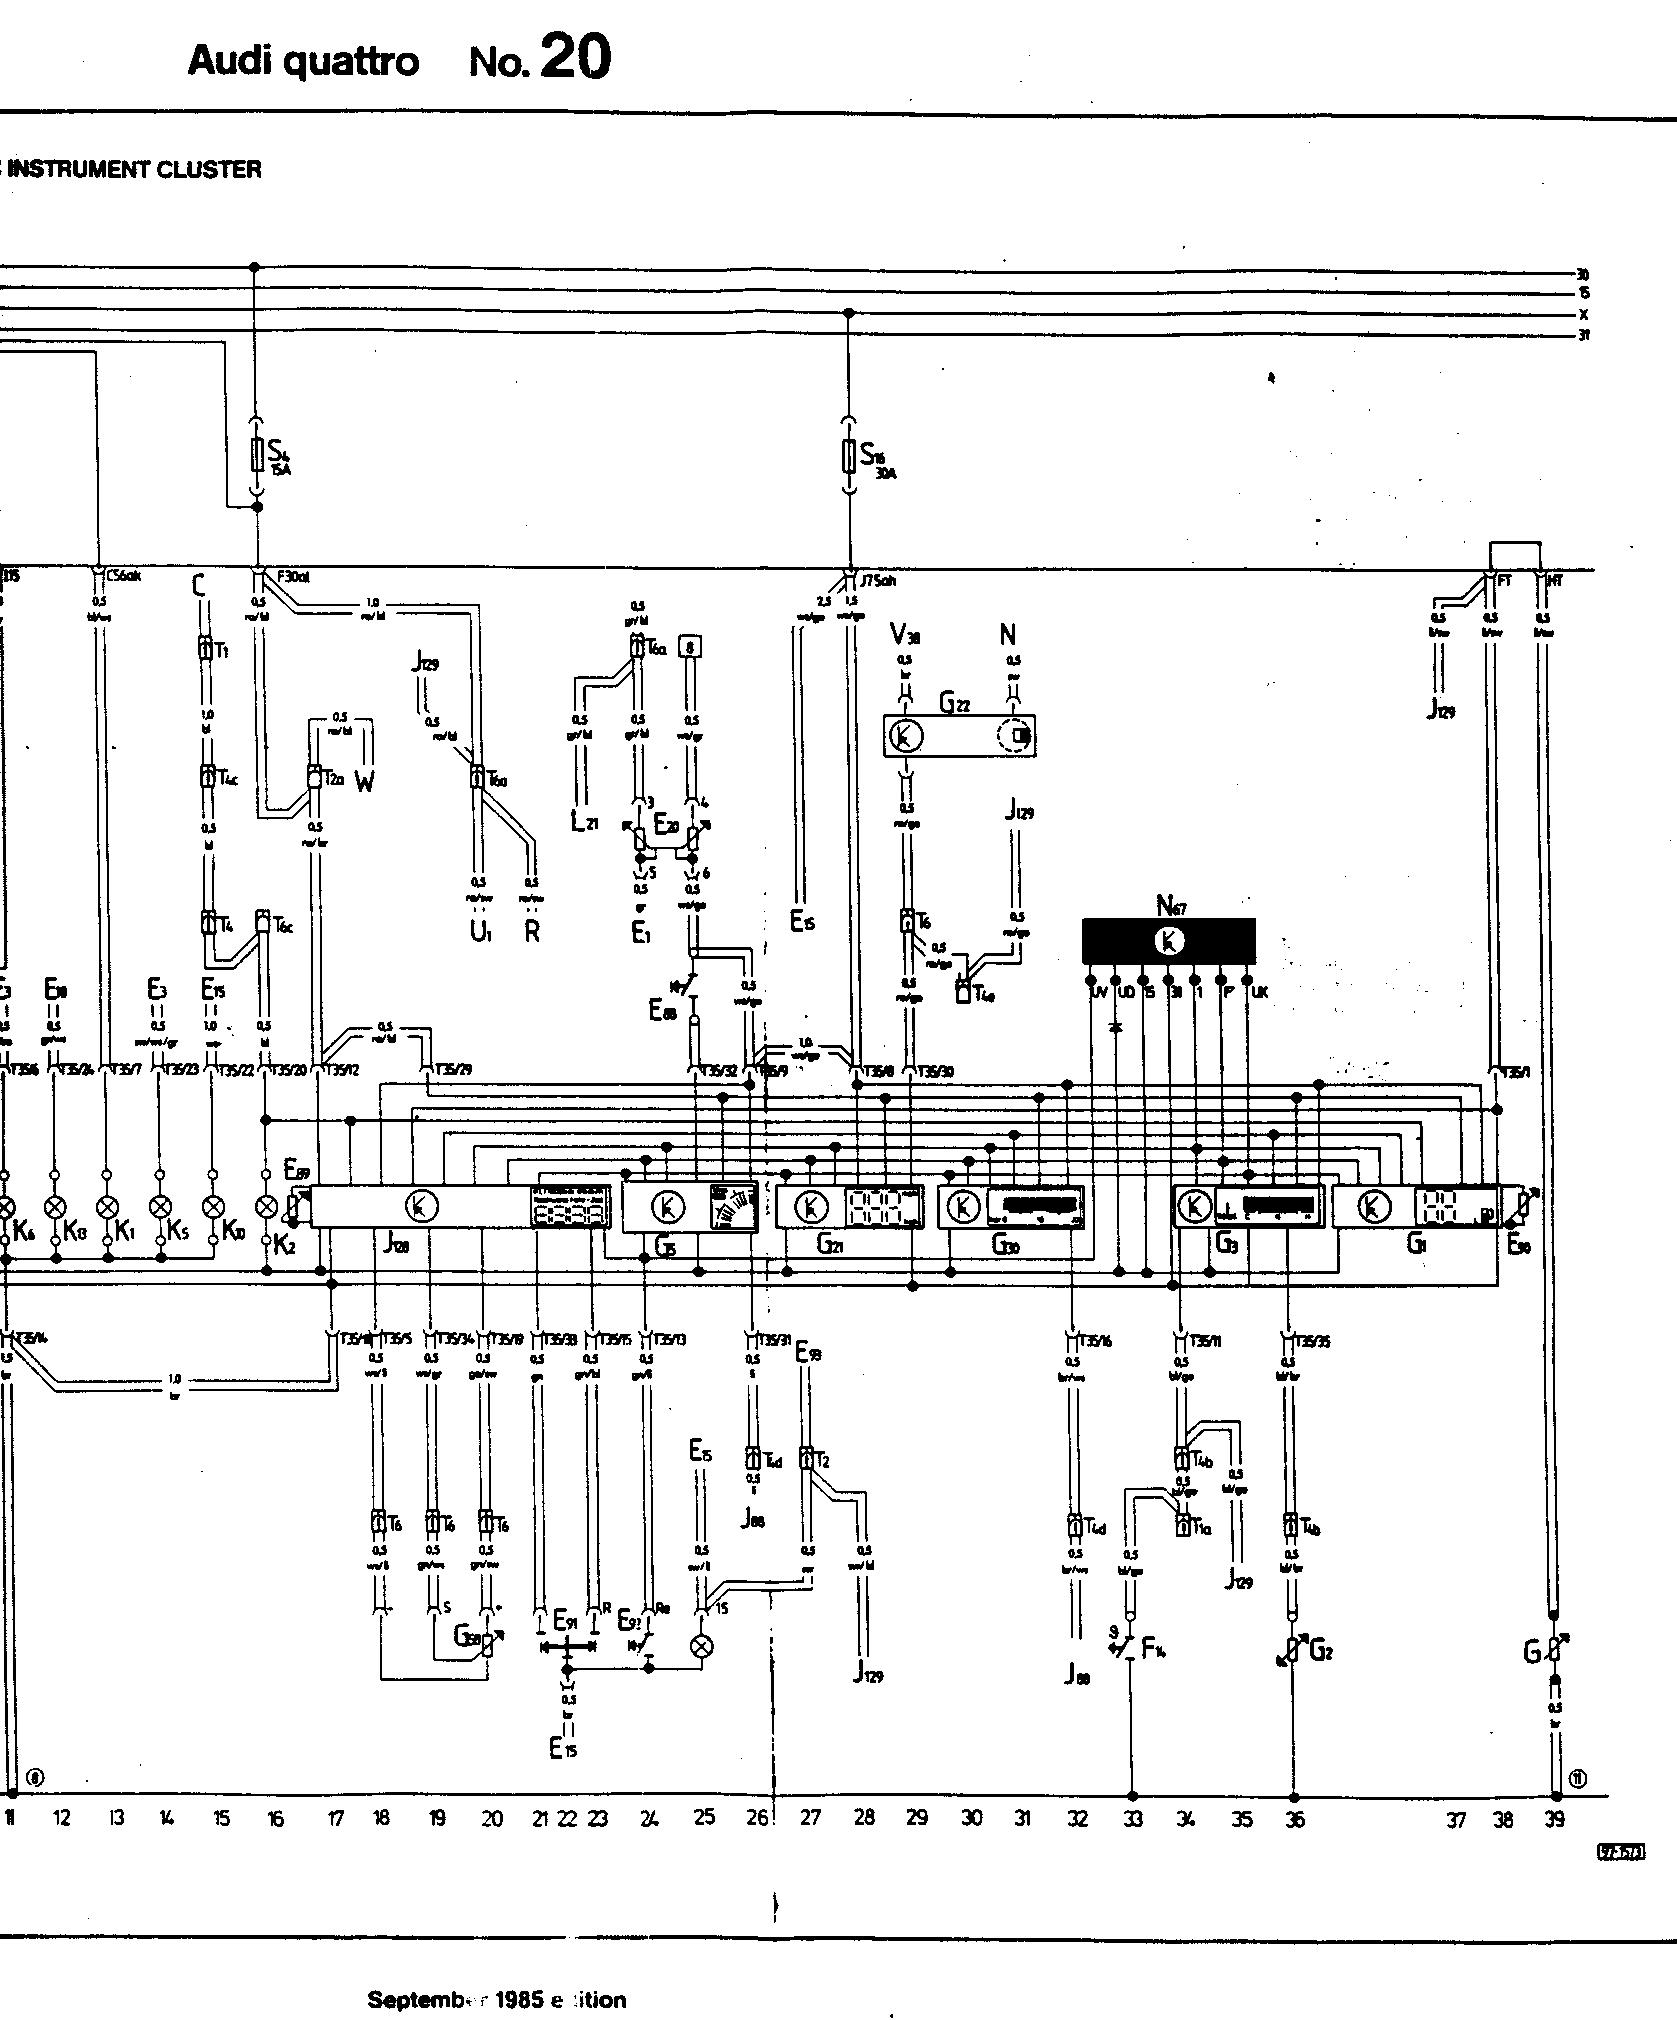 hight resolution of audi ur quattro 1985 wiring diagrams rh sealtd net audi coupe audi sport quattro